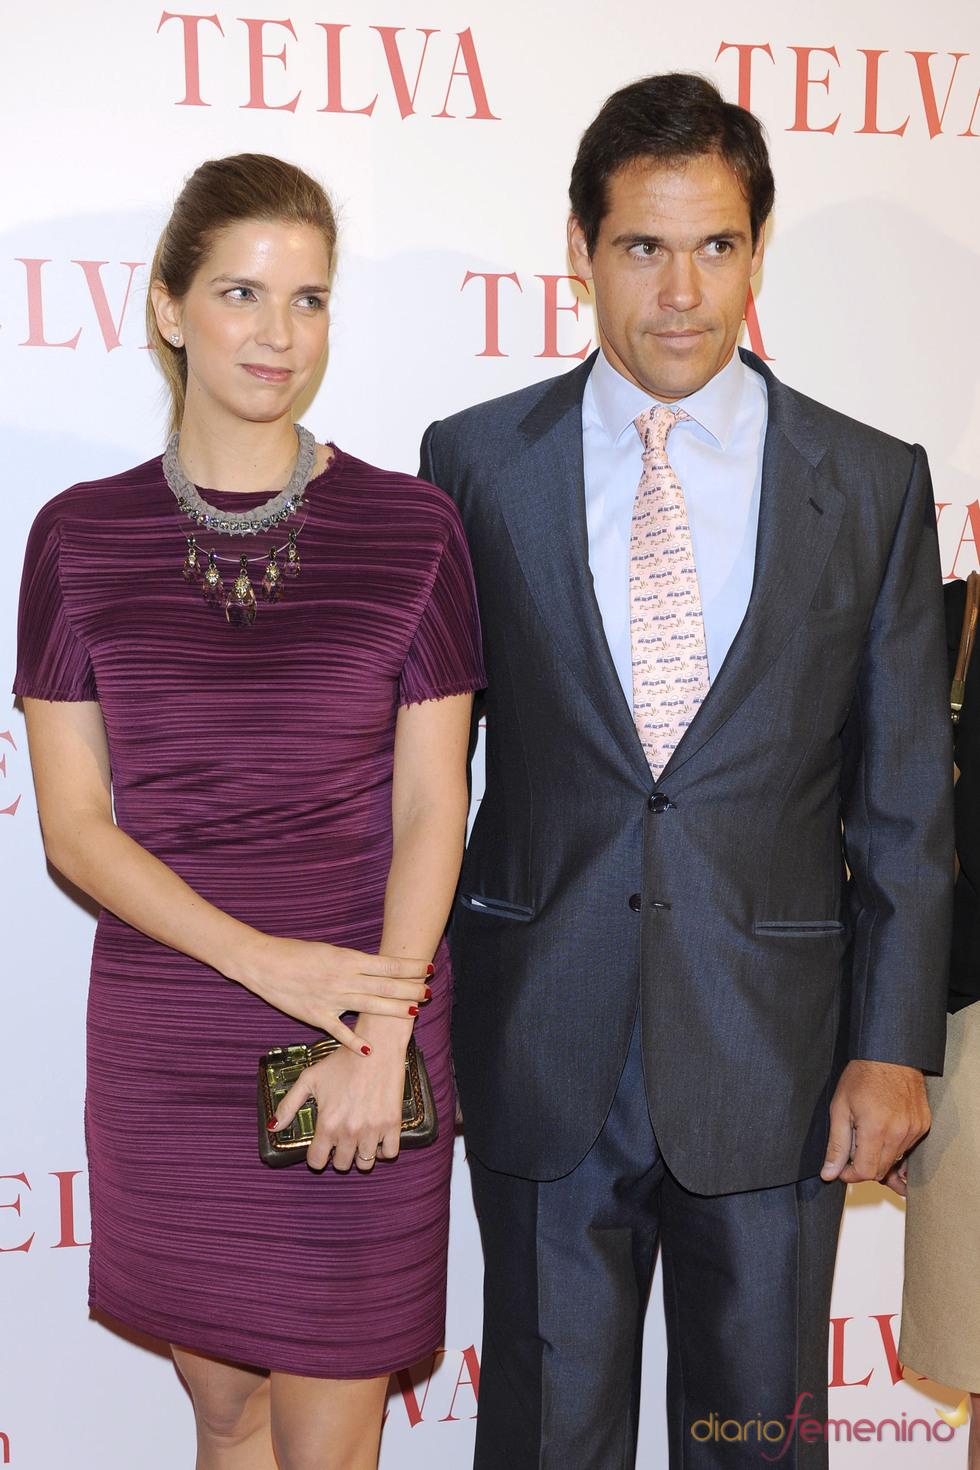 Margarita Vargas y Luis Alfonso de Borbón en los premios Telva Solidaridad 2011